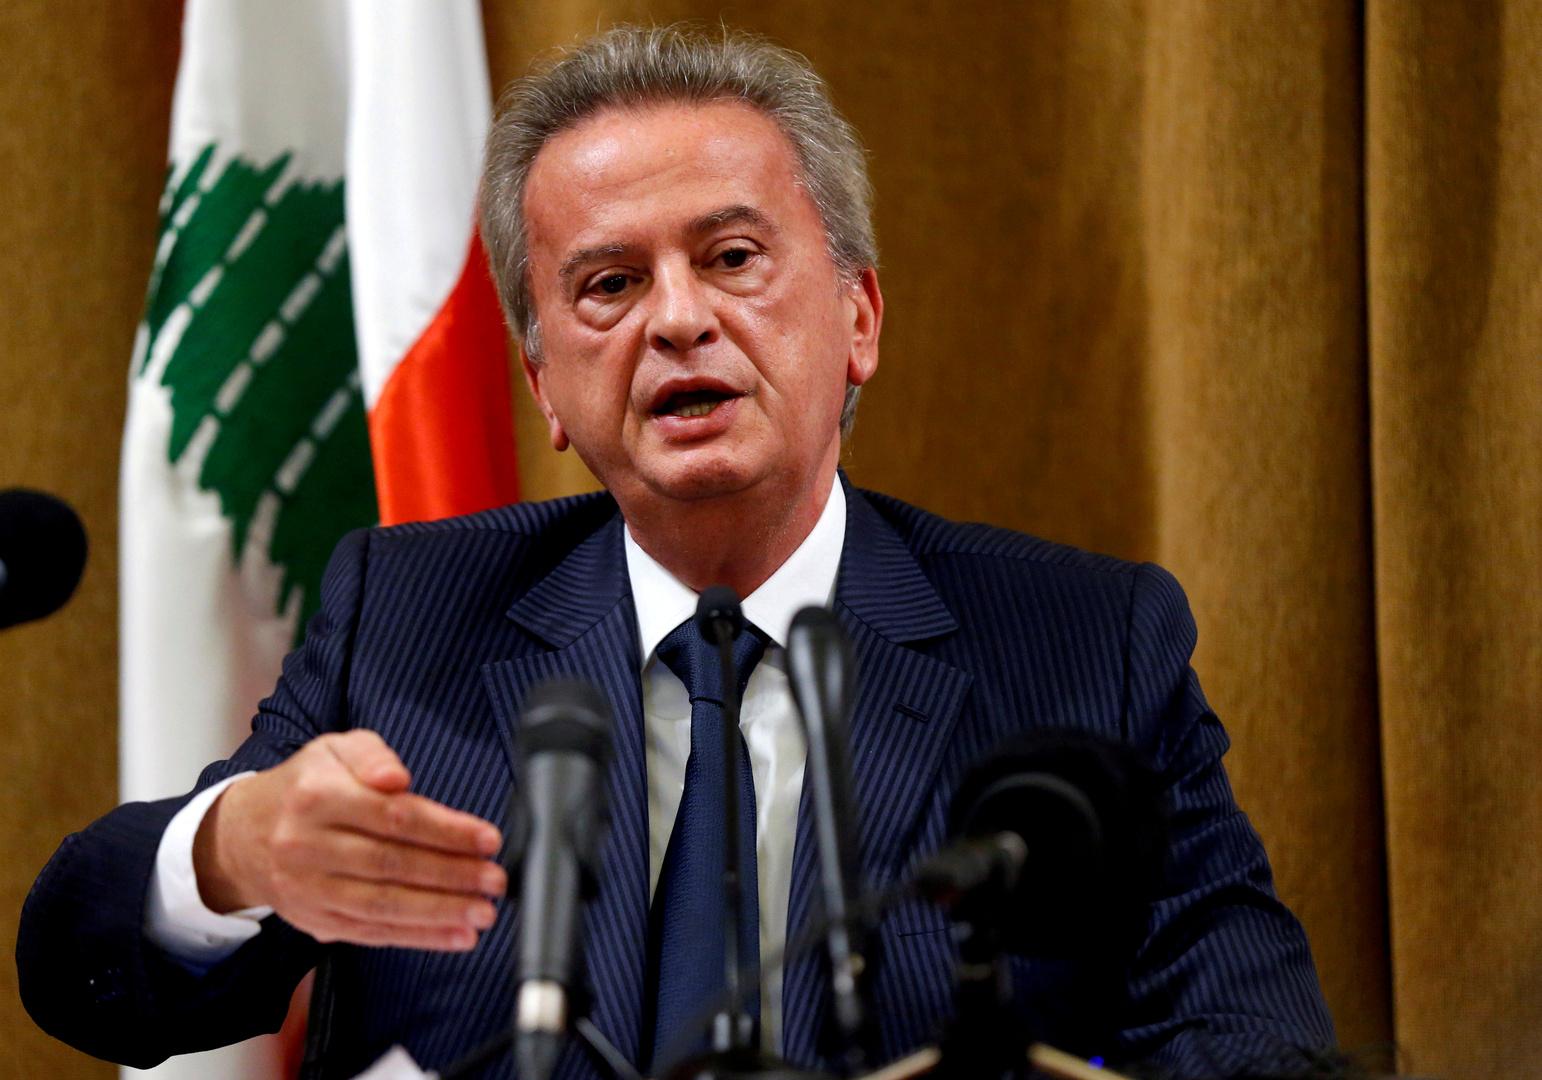 بعد اتهامات عدة.. حاكم مصرف لبنان يتكلم عن ثروته ويكشف كيف جمعها